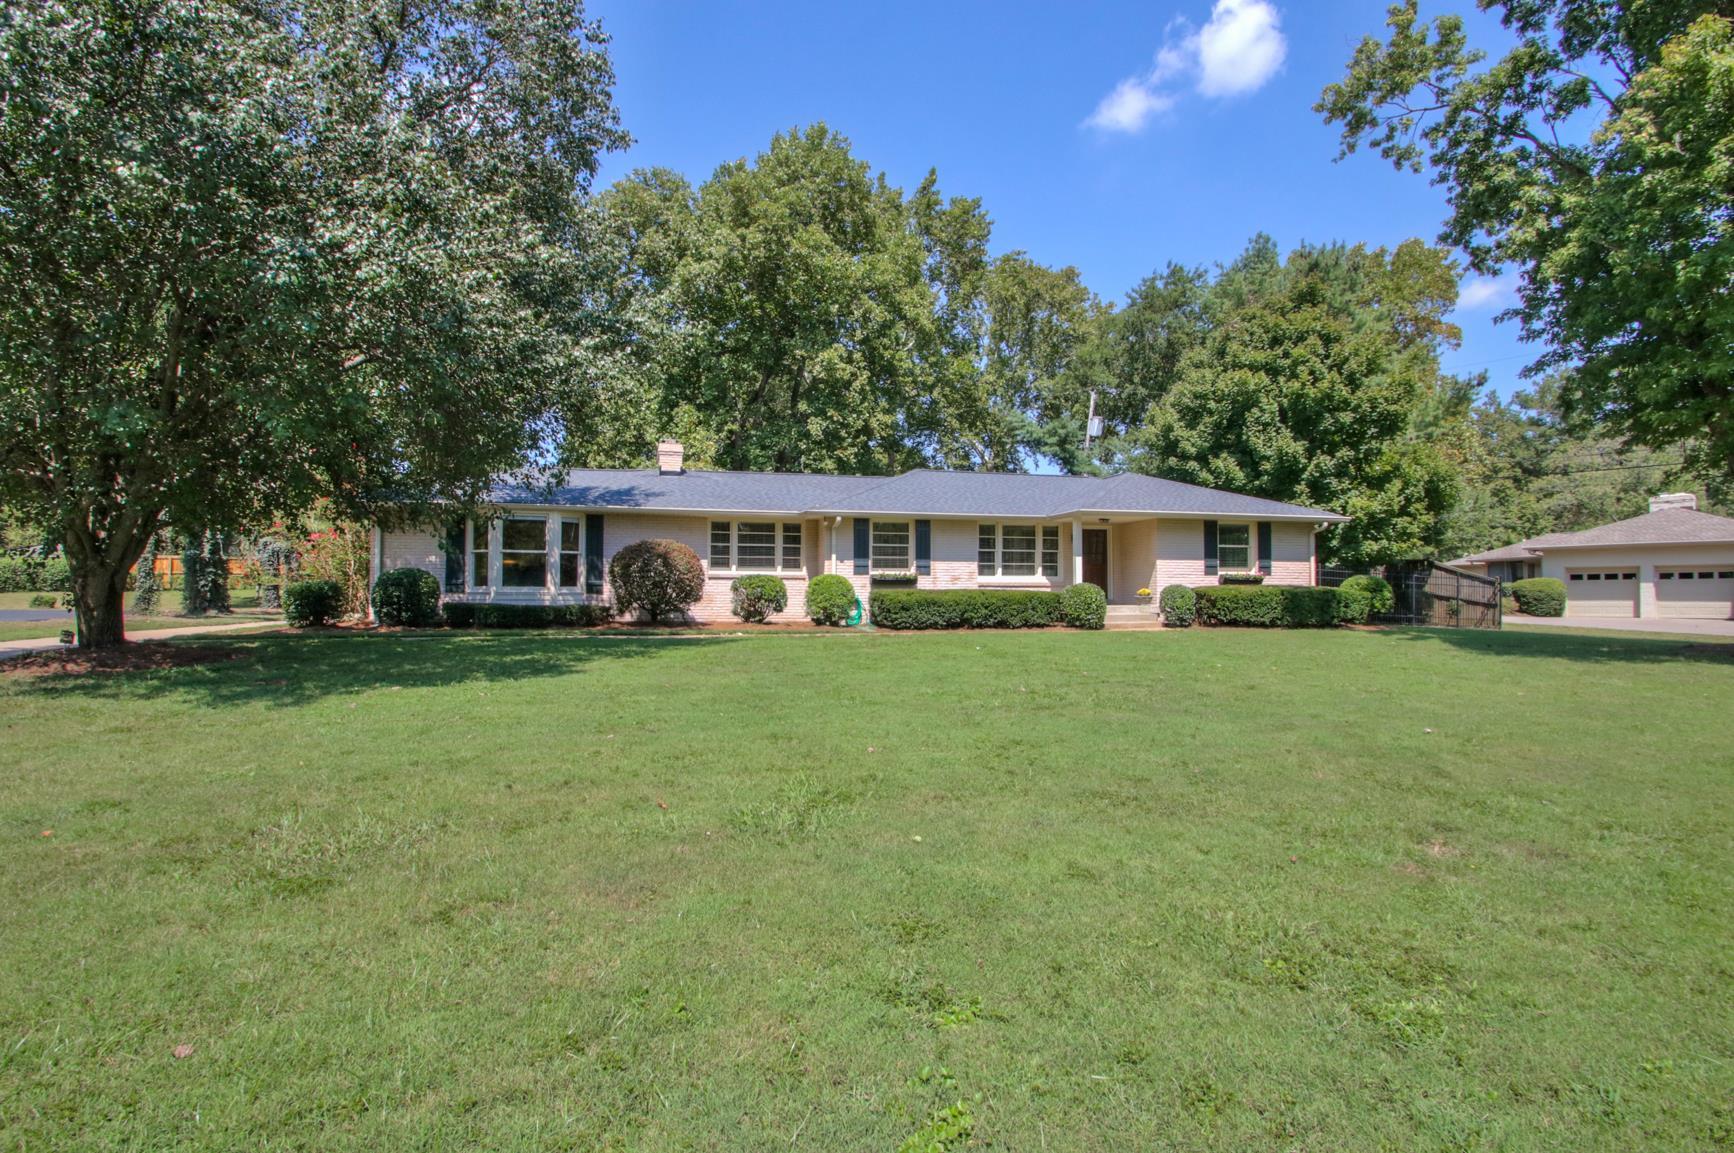 6002 Cargile Rd, Nashville, TN 37205 - Nashville, TN real estate listing